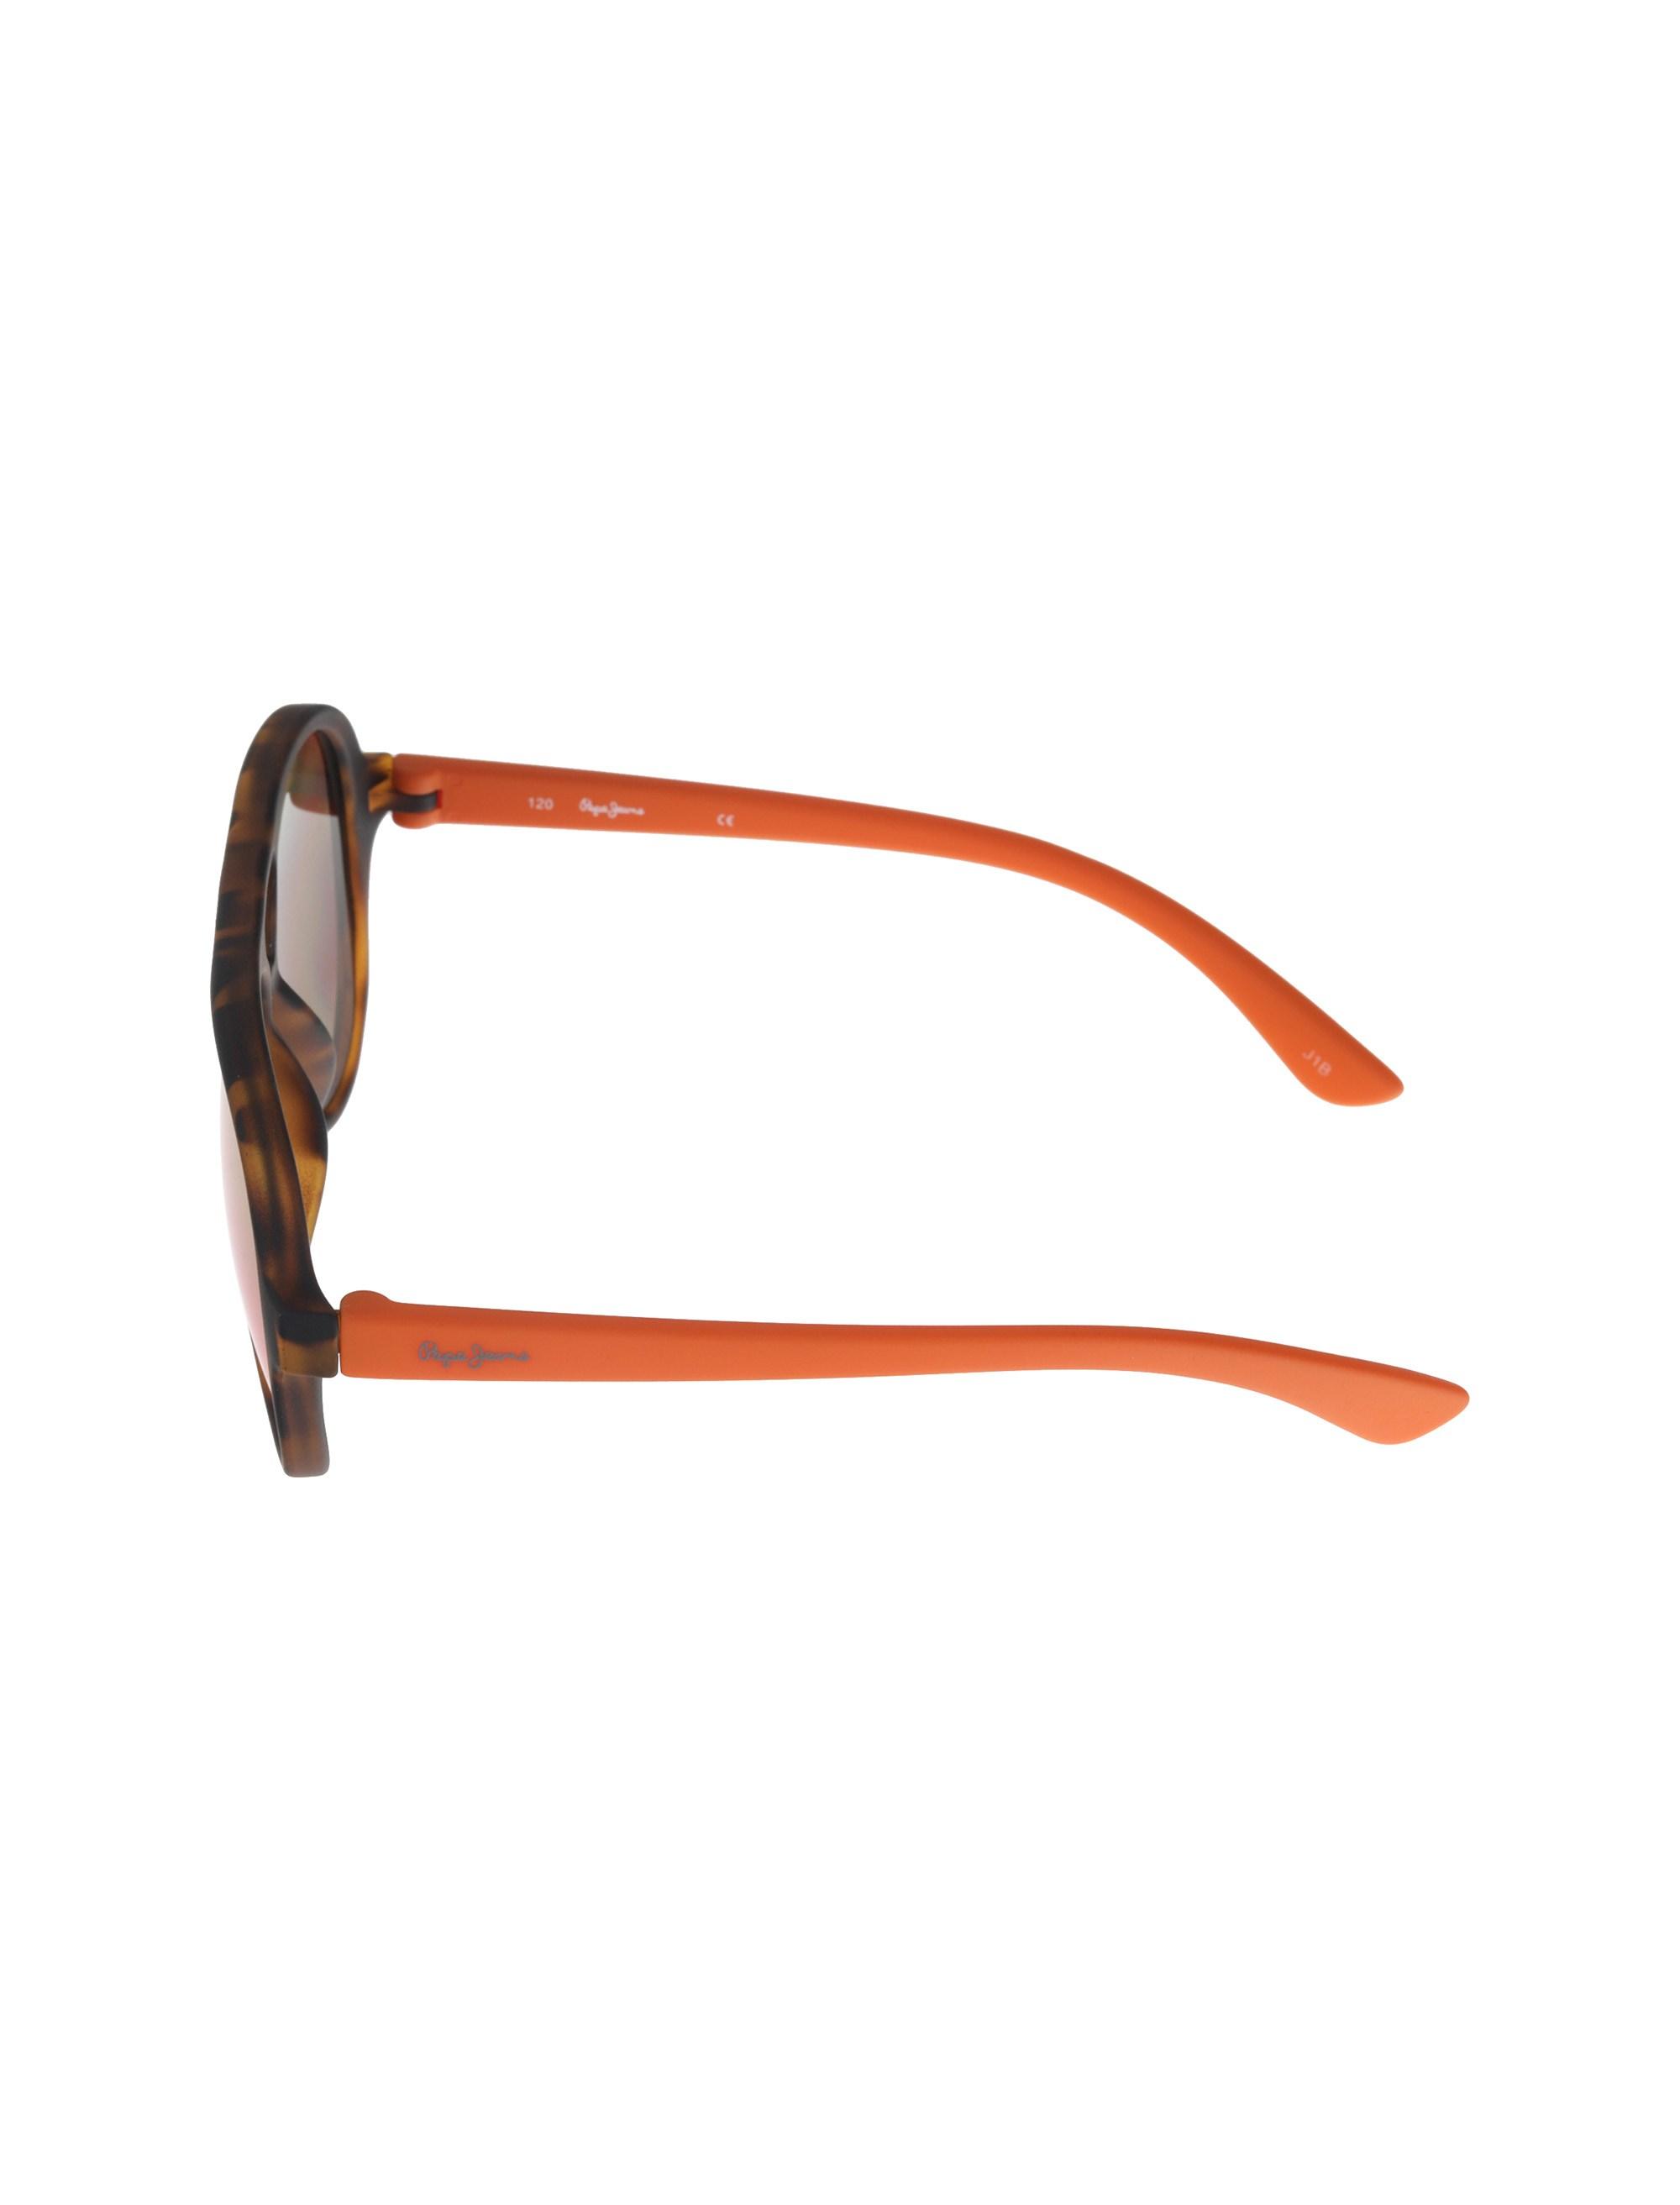 عینک آفتابی خلبانی بچگانه - قهوه اي و نارنجي - 3